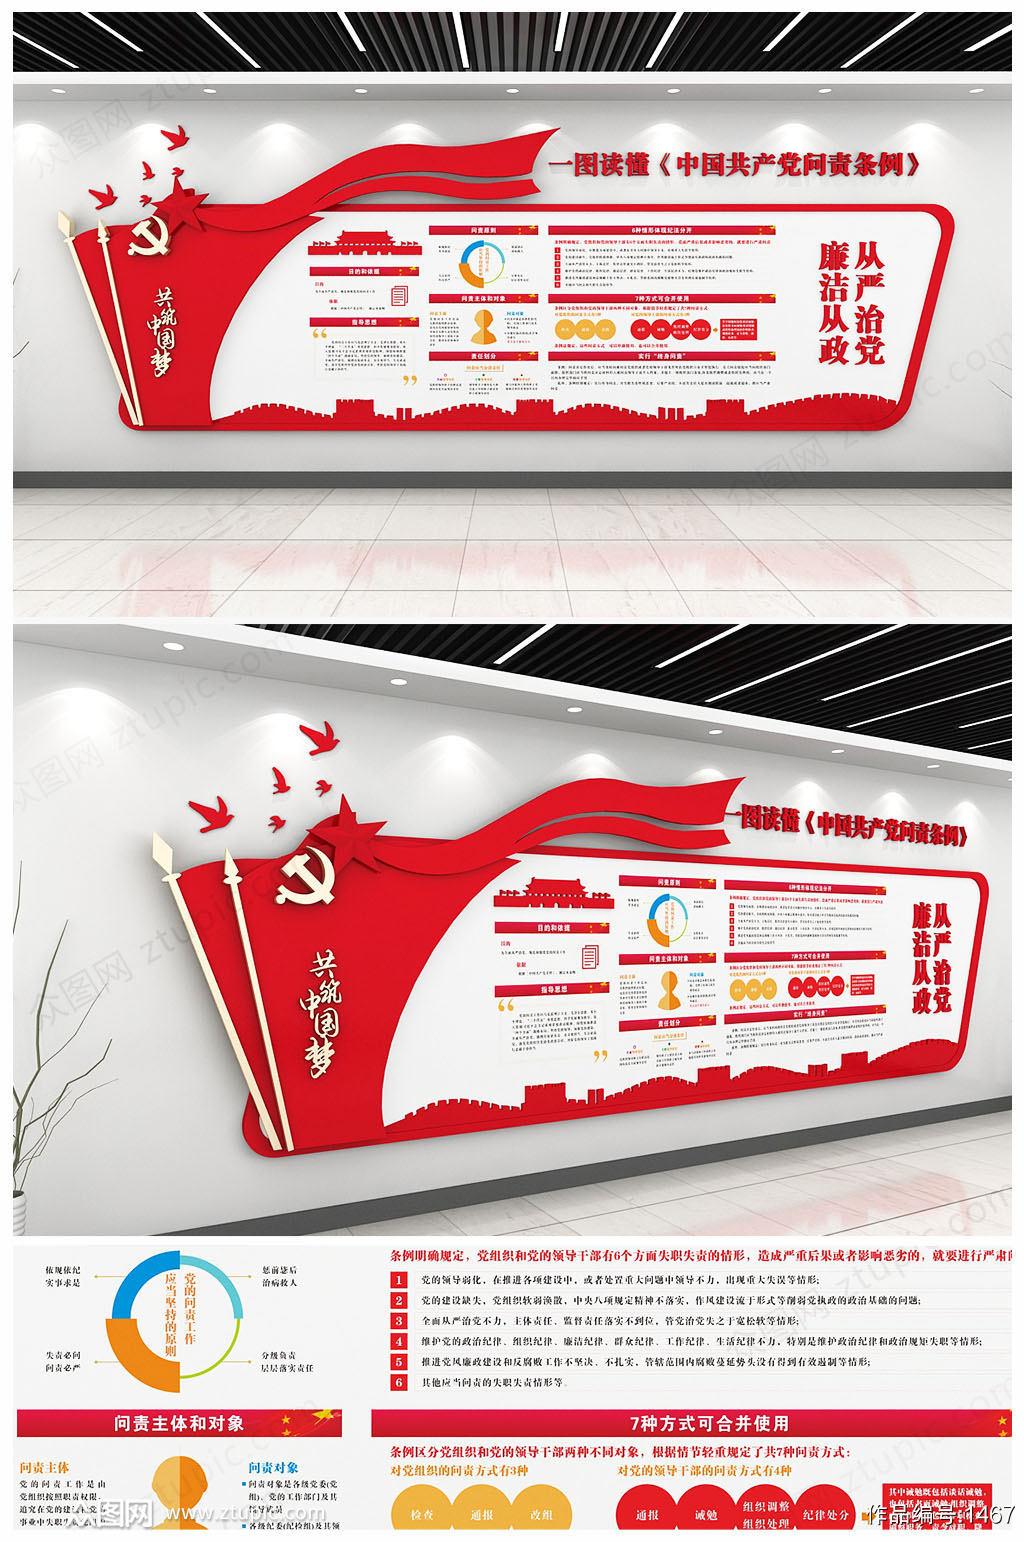 原创中国共产党问责条例党员活动室党建文化墙素材